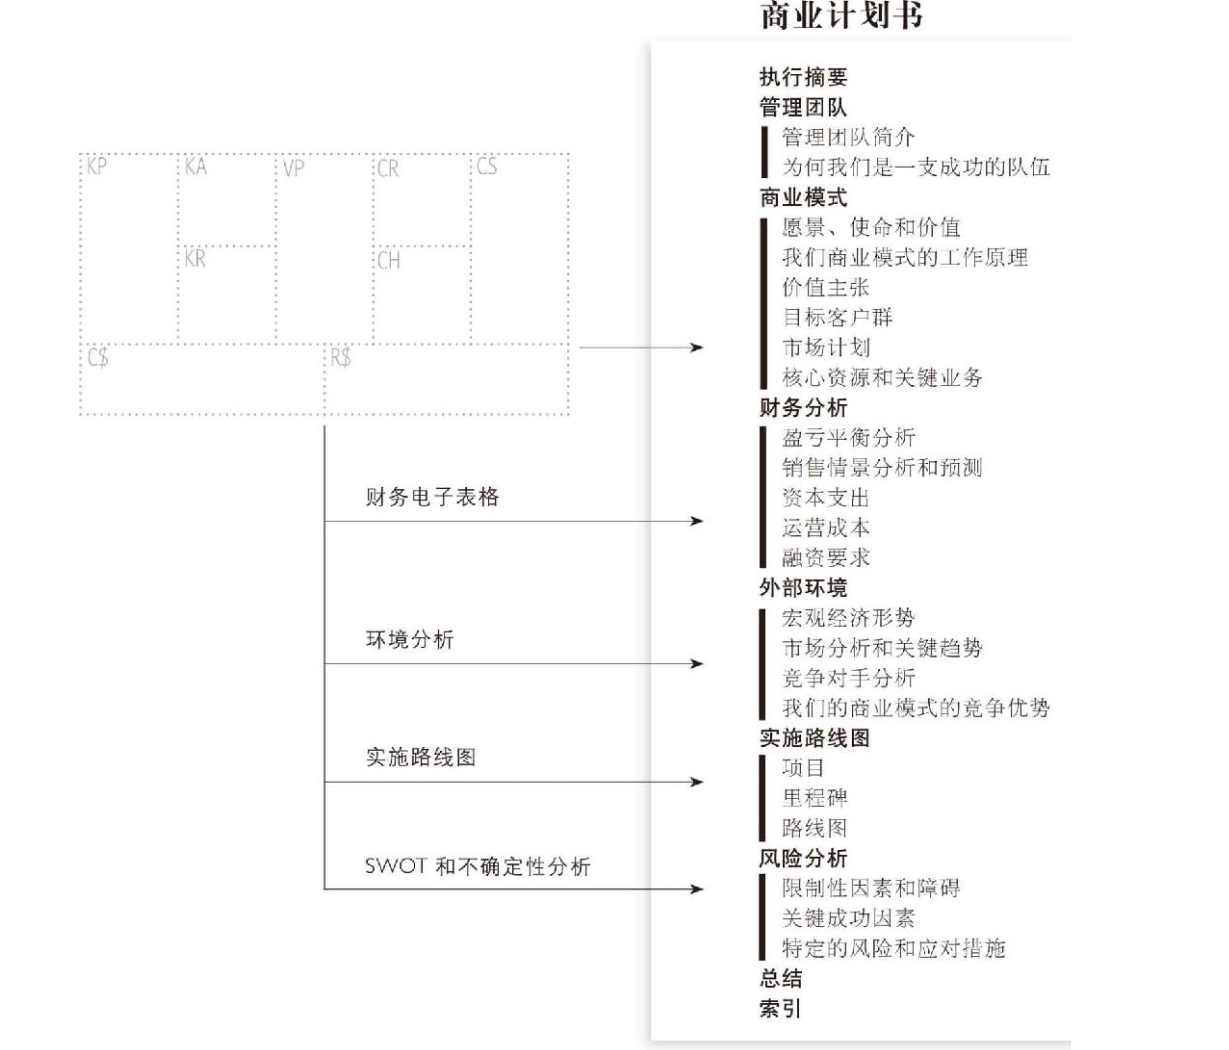 20190227-22-商业模式和商业计划书.jpg